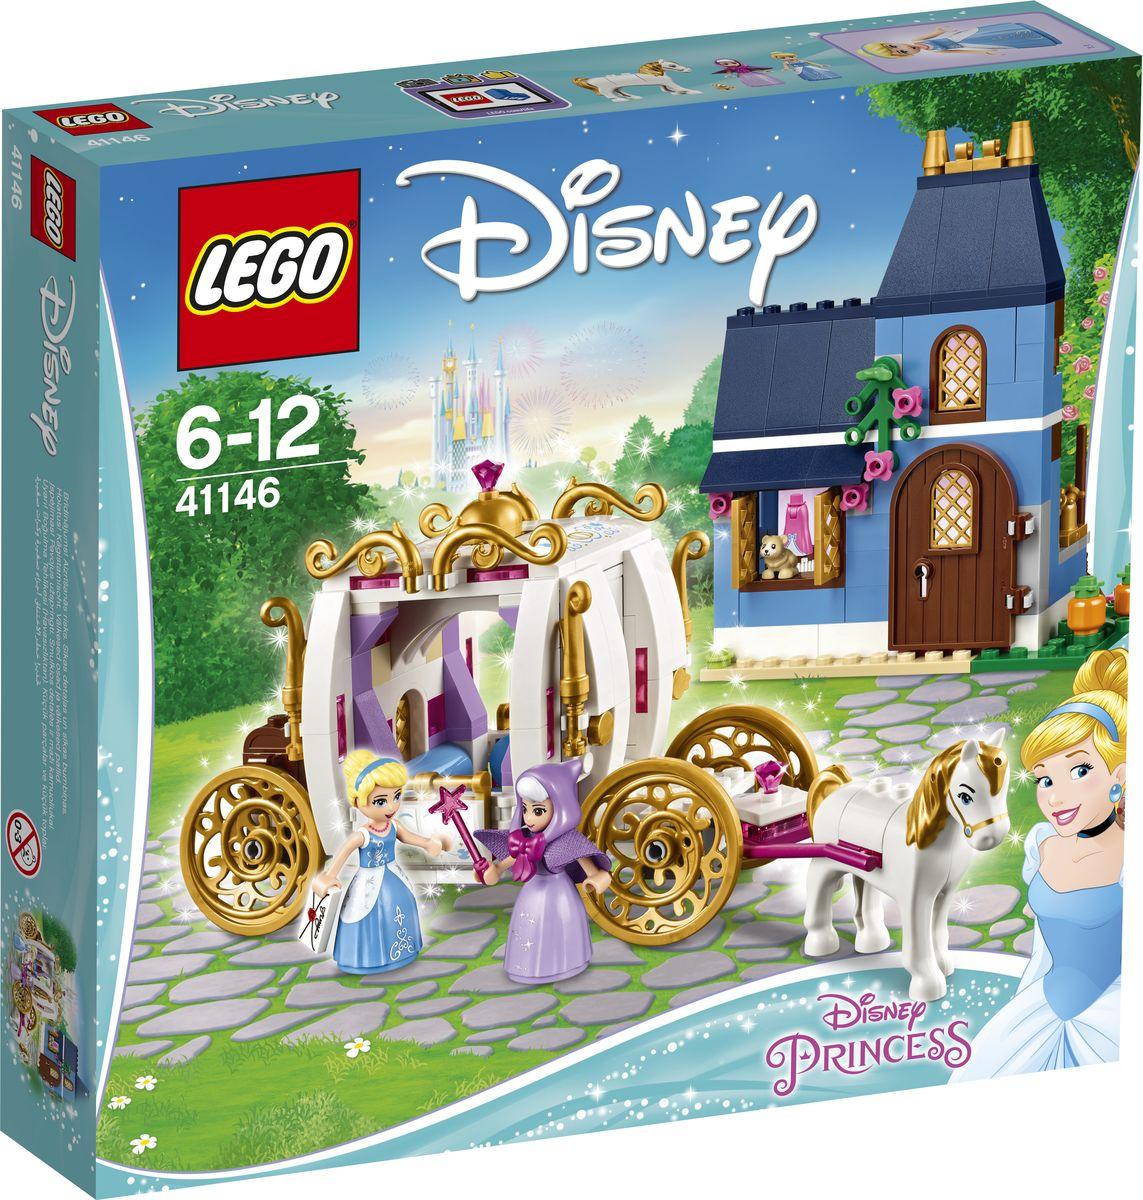 LEGO Disney Princess Конструктор Сказочный вечер Золушки 41146 конструктор lego disney princess 41154 волшебный замок золушки